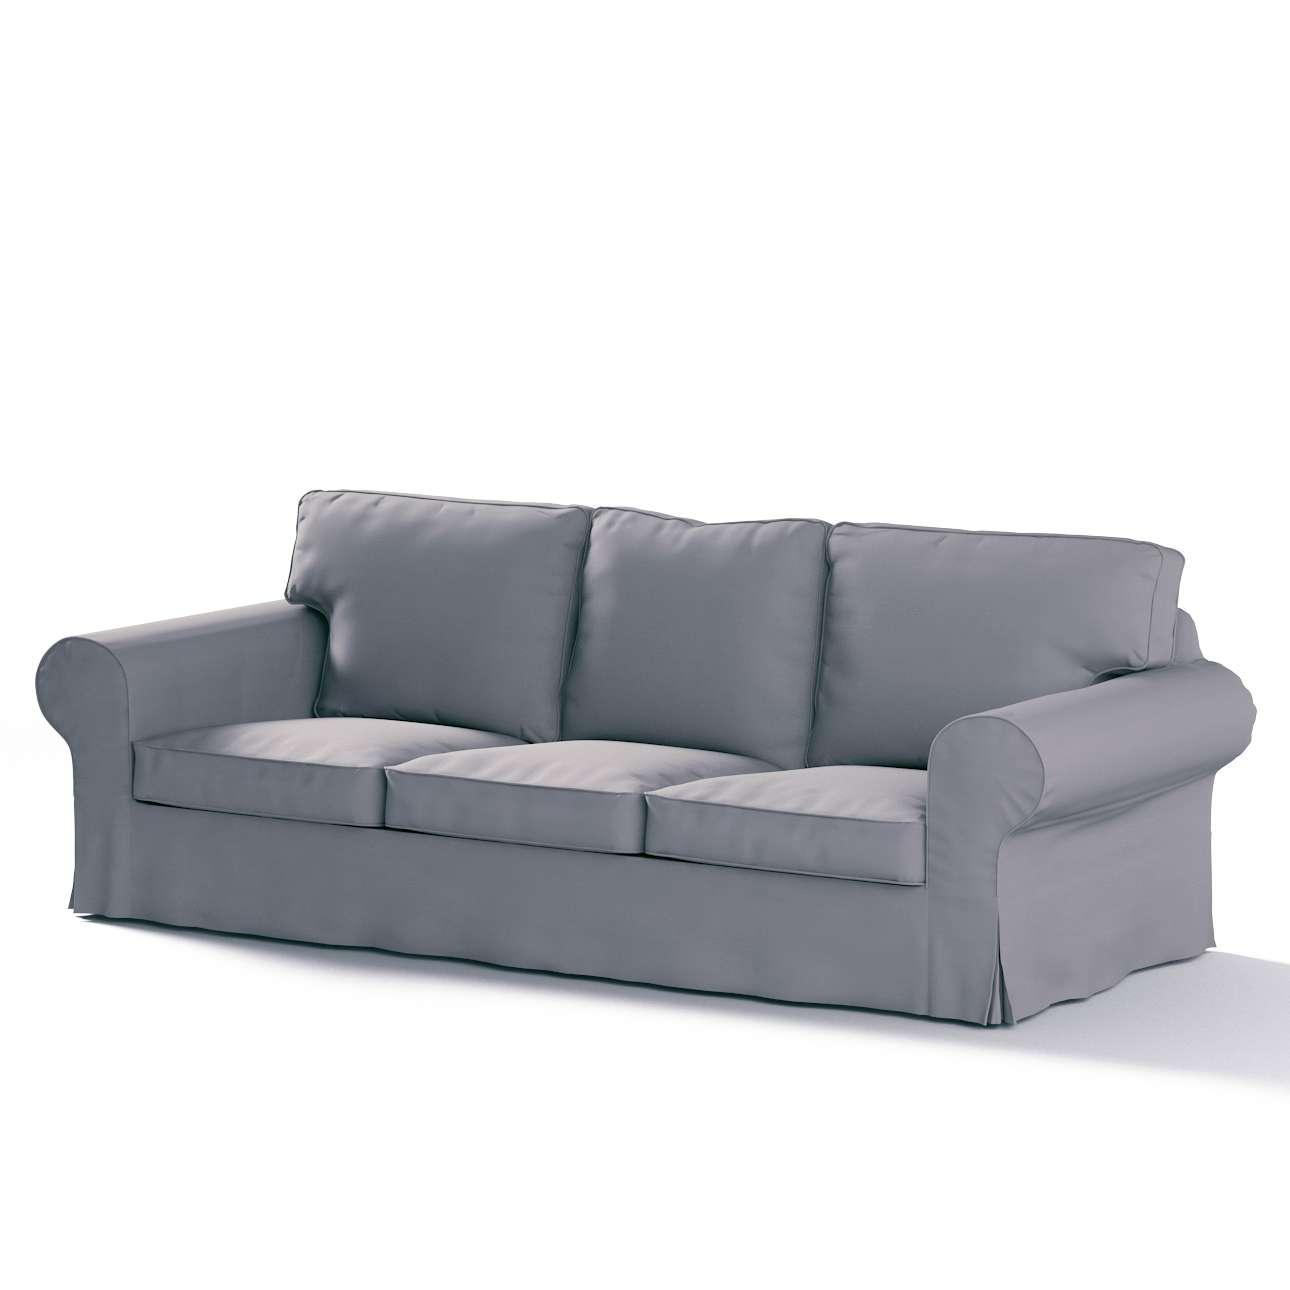 Potah na pohovku IKEA  Ektorp 3-místná, nerozkládací pohovka Ektorp 3-místná v kolekci Cotton Panama, látka: 702-07